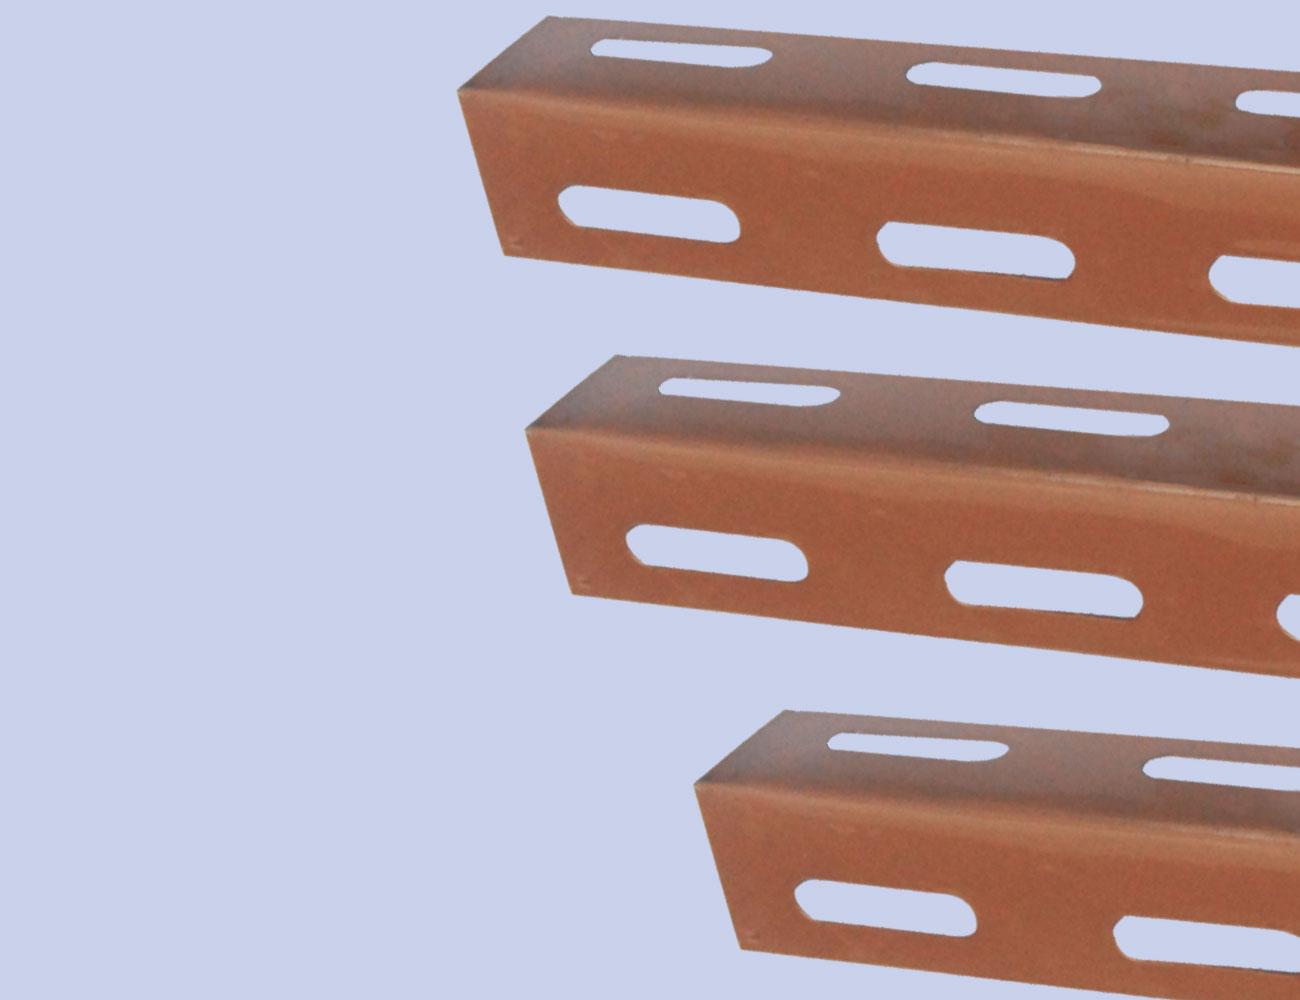 喷涂万能角铁_建企商盟-建筑建材产业的云采购联盟平台